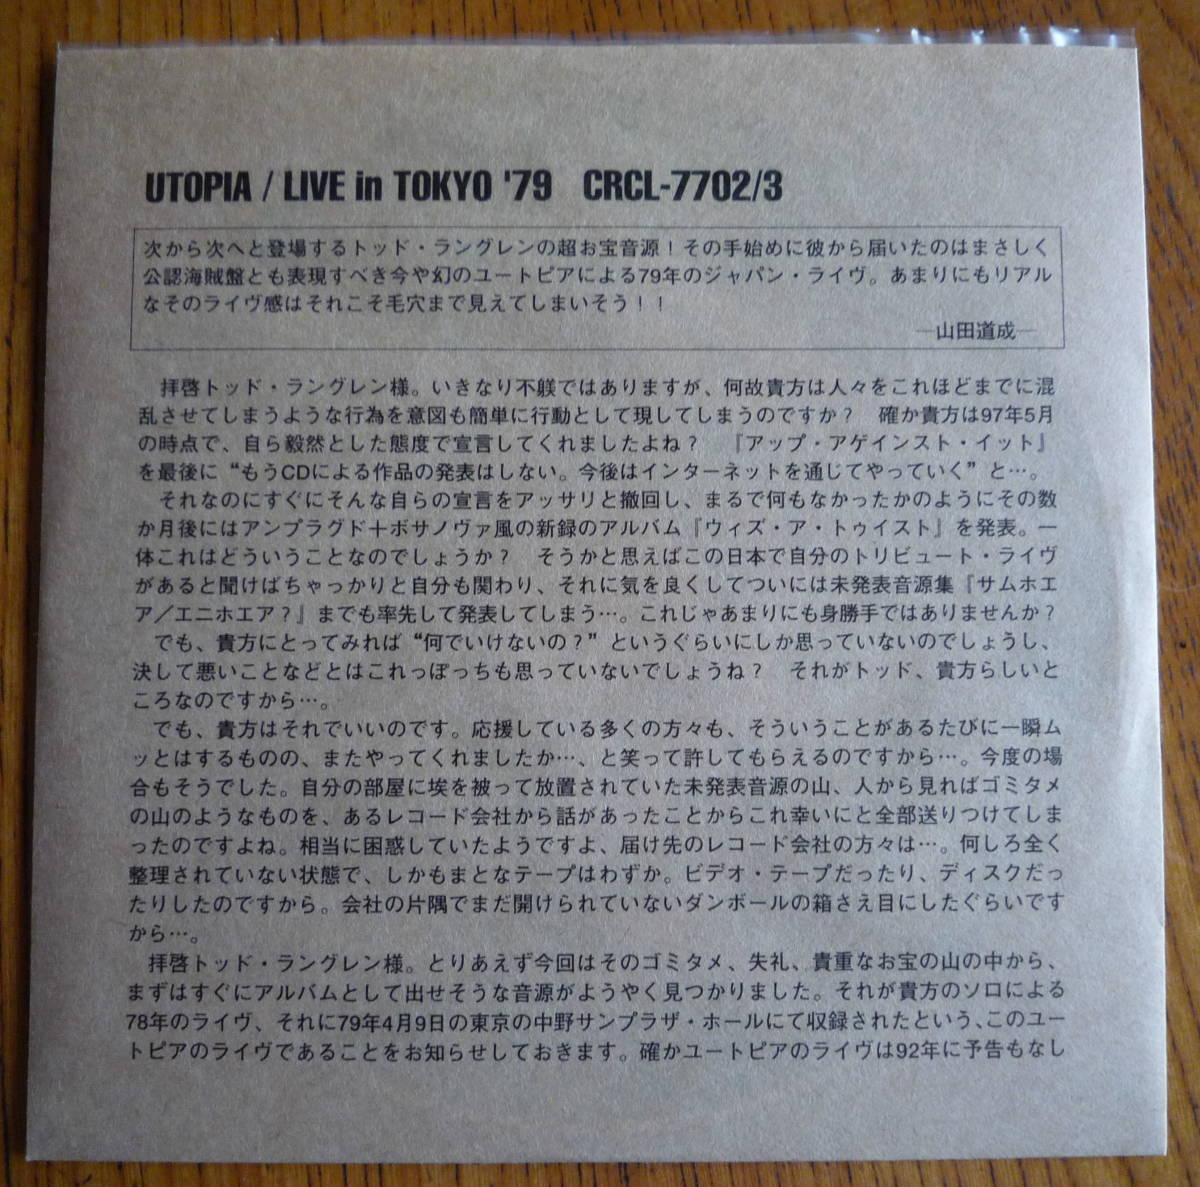 ■【紙ジャケCD/美品】 TODD RUNDGREN & UTOPIA - LIVE IN TOKYO '79 トッド・ラングレン ユートピア